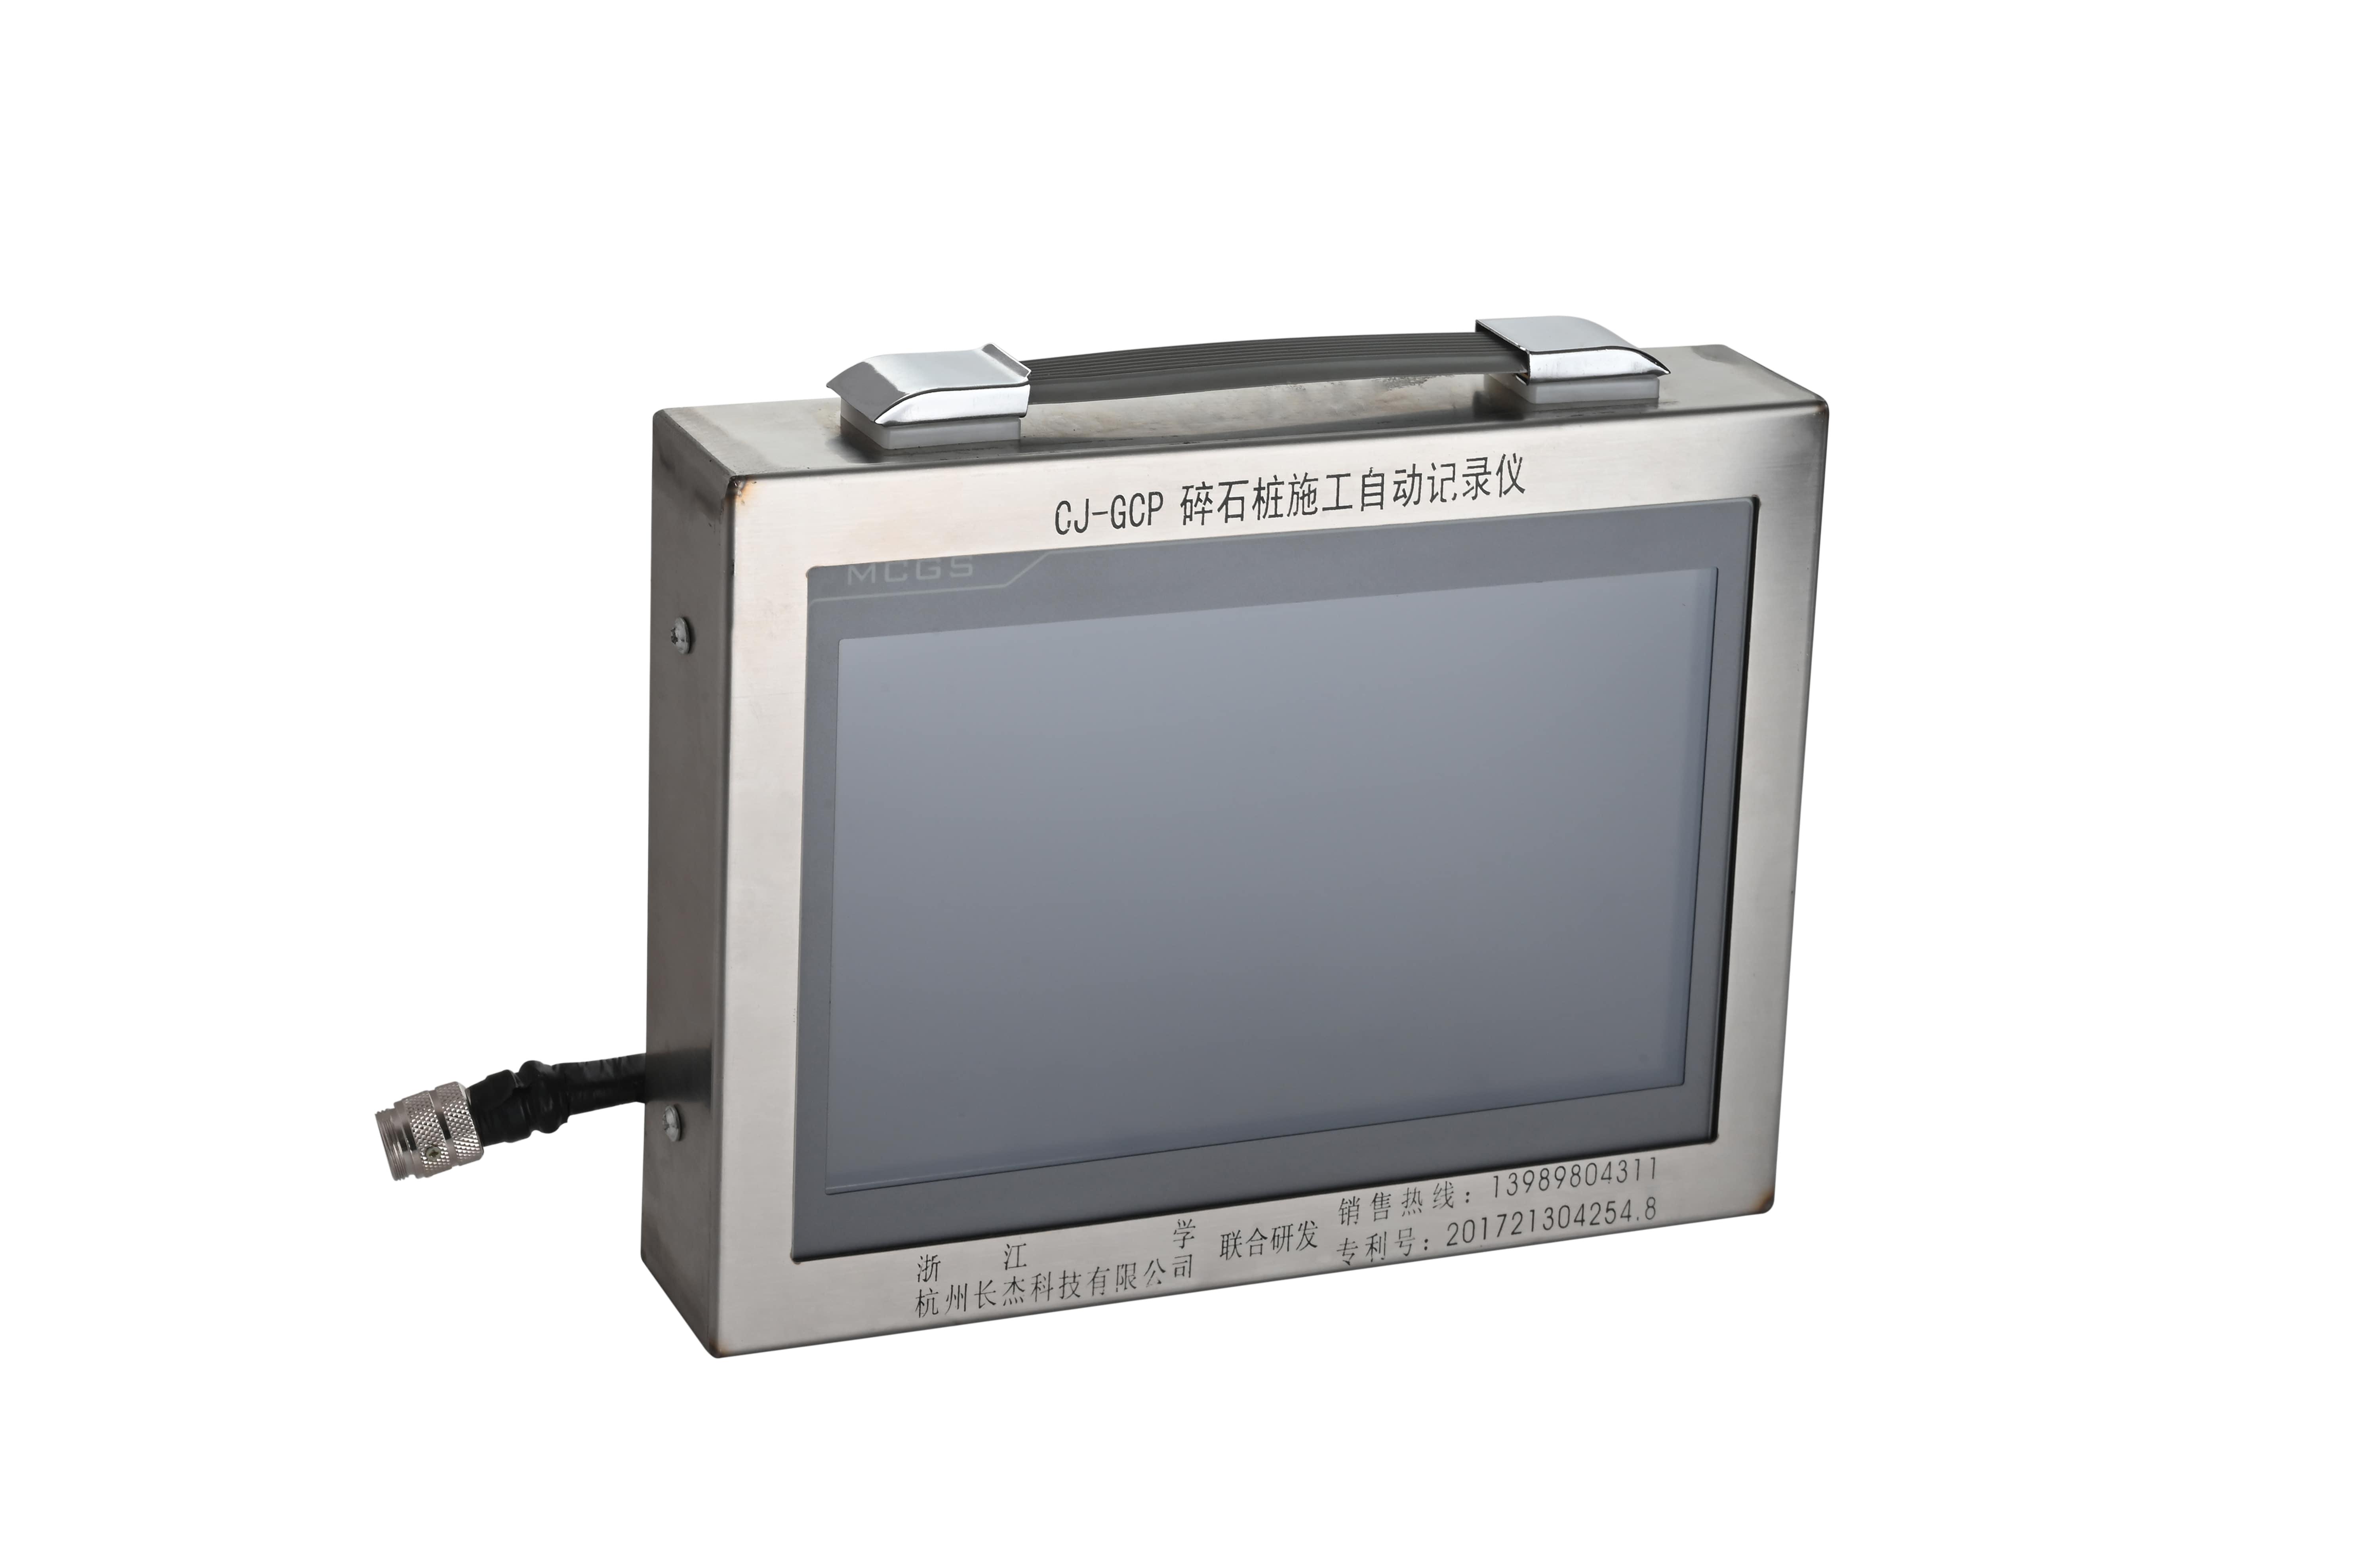 碎石(砂)施工记录仪  碎石桩记录仪